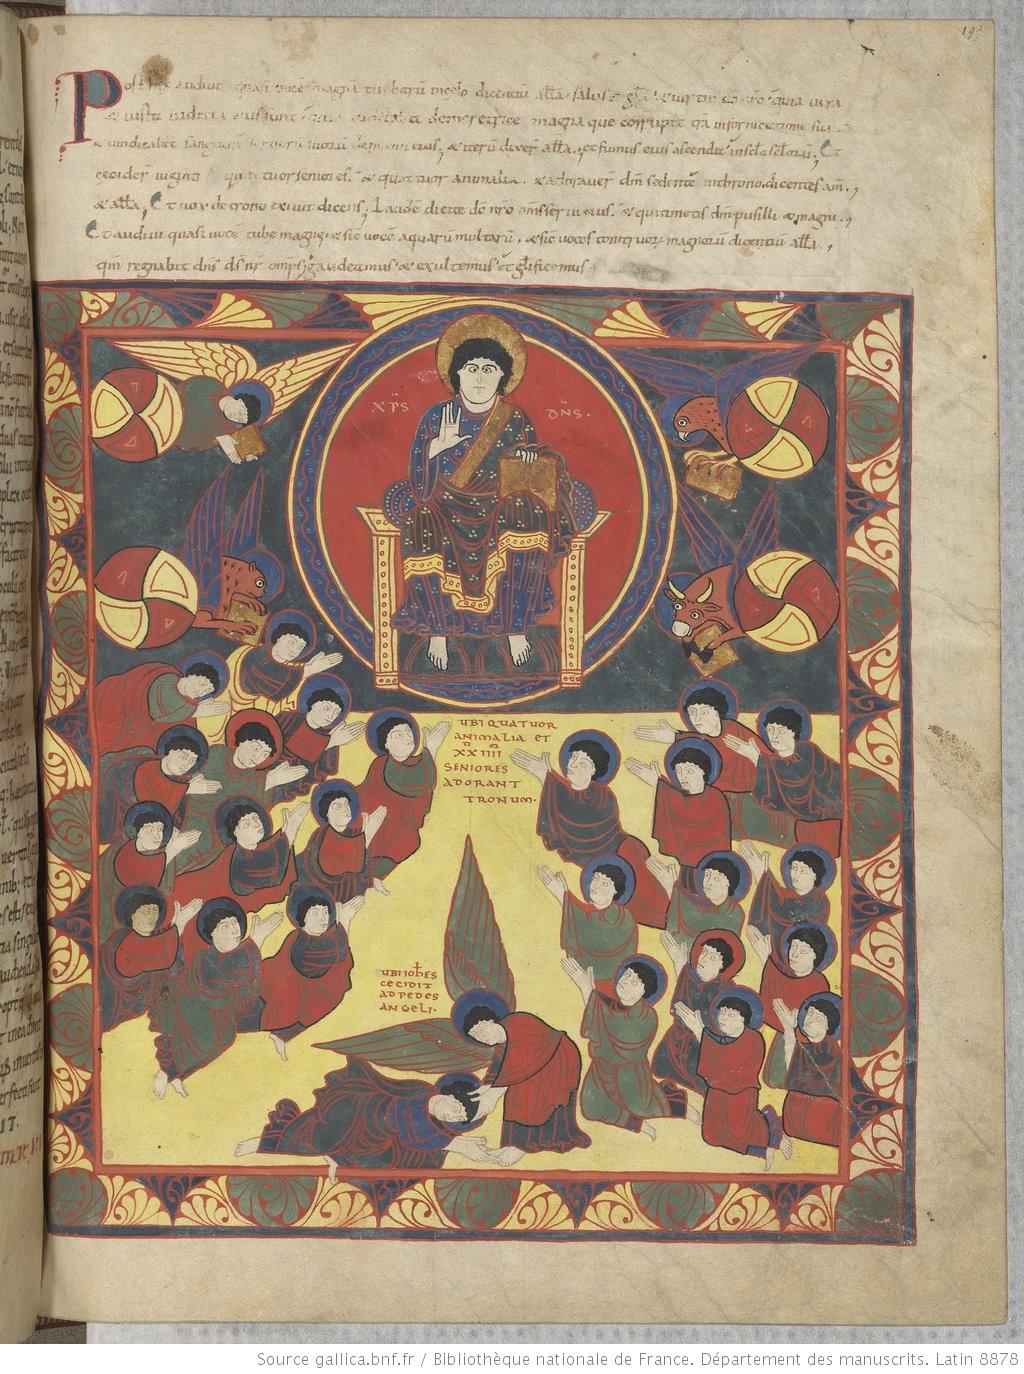 Beatus de saint Sever 1050 ca Apocalypse 19,1-9 fol 199r Artiste B MS Lat.8878 BNF gallica.